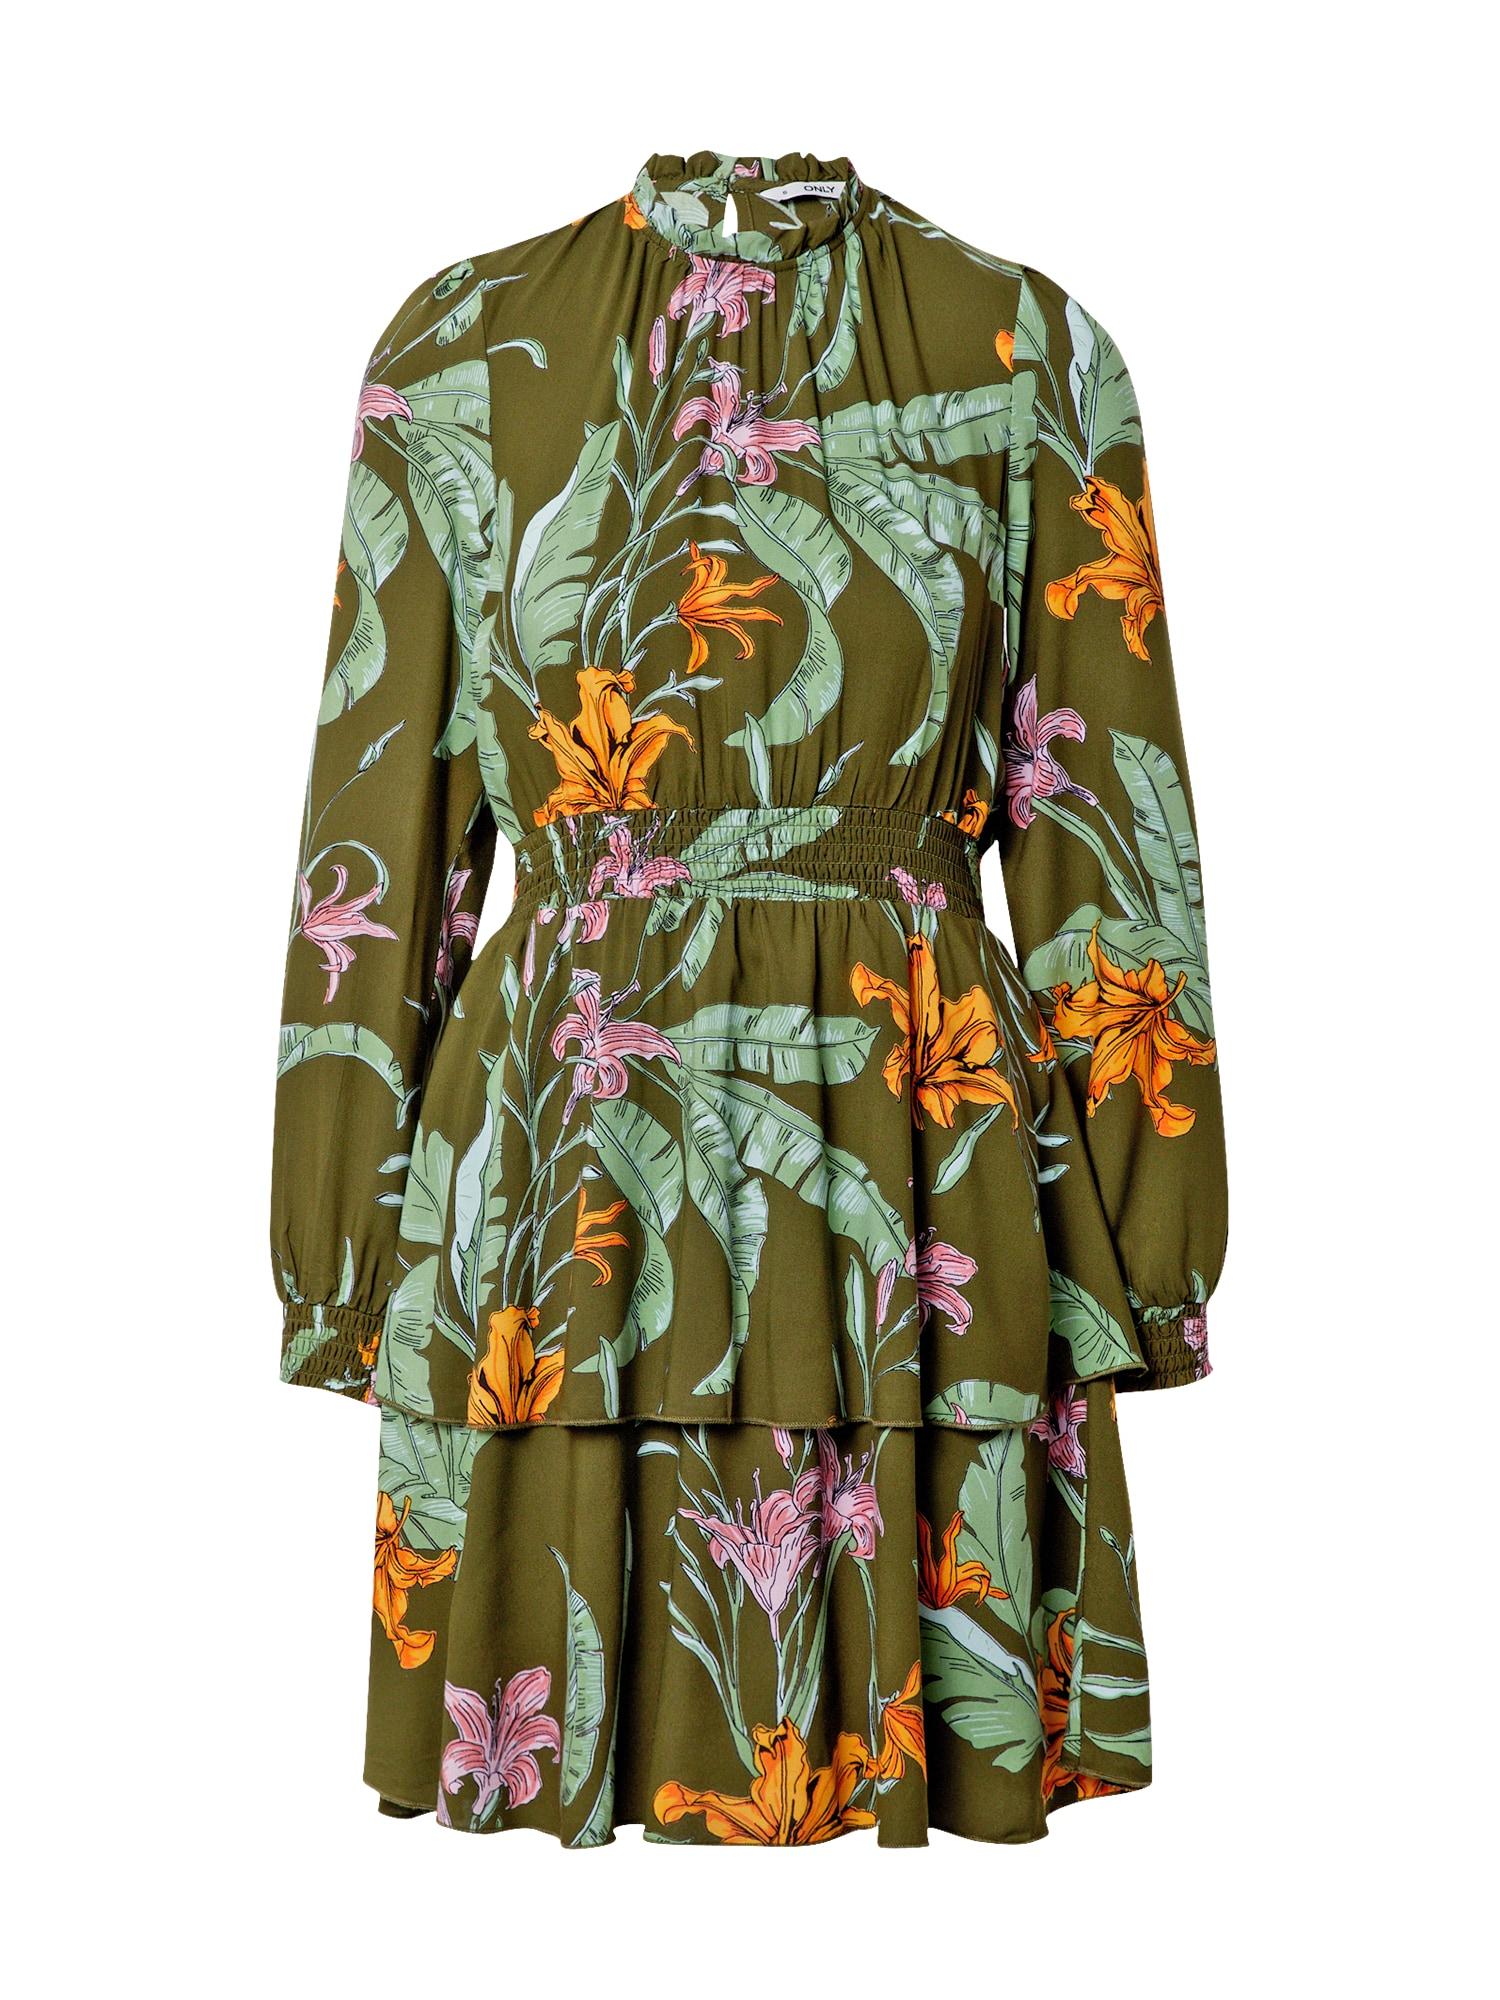 ONLY Šaty 'PALM'  olivová / pastelově zelená / oranžová / světle fialová / světle růžová